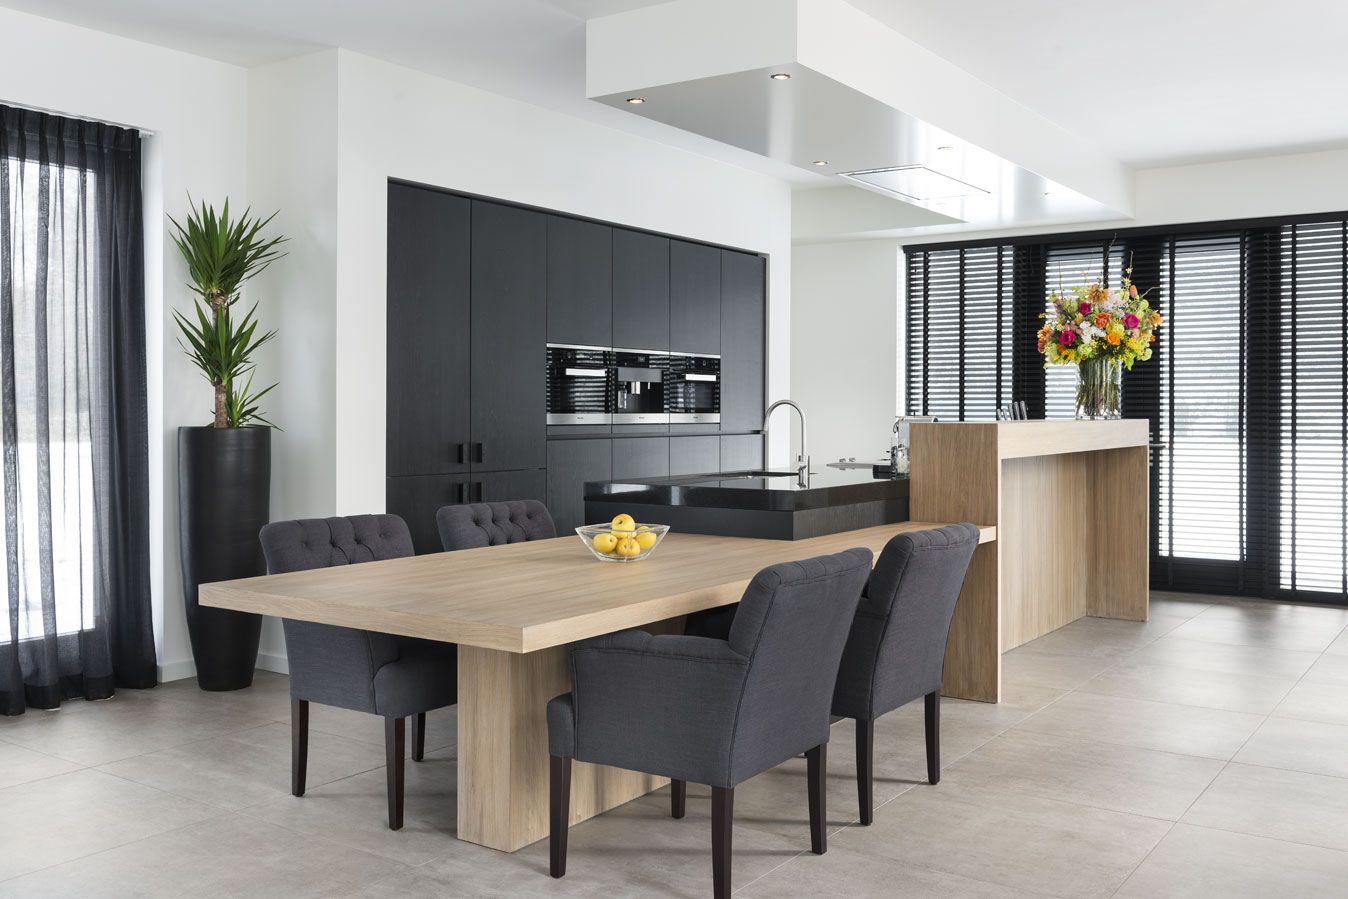 Een strakke, moderne keuken die toch gastvrij en gezellig is en bovendien perfect aansluit bij